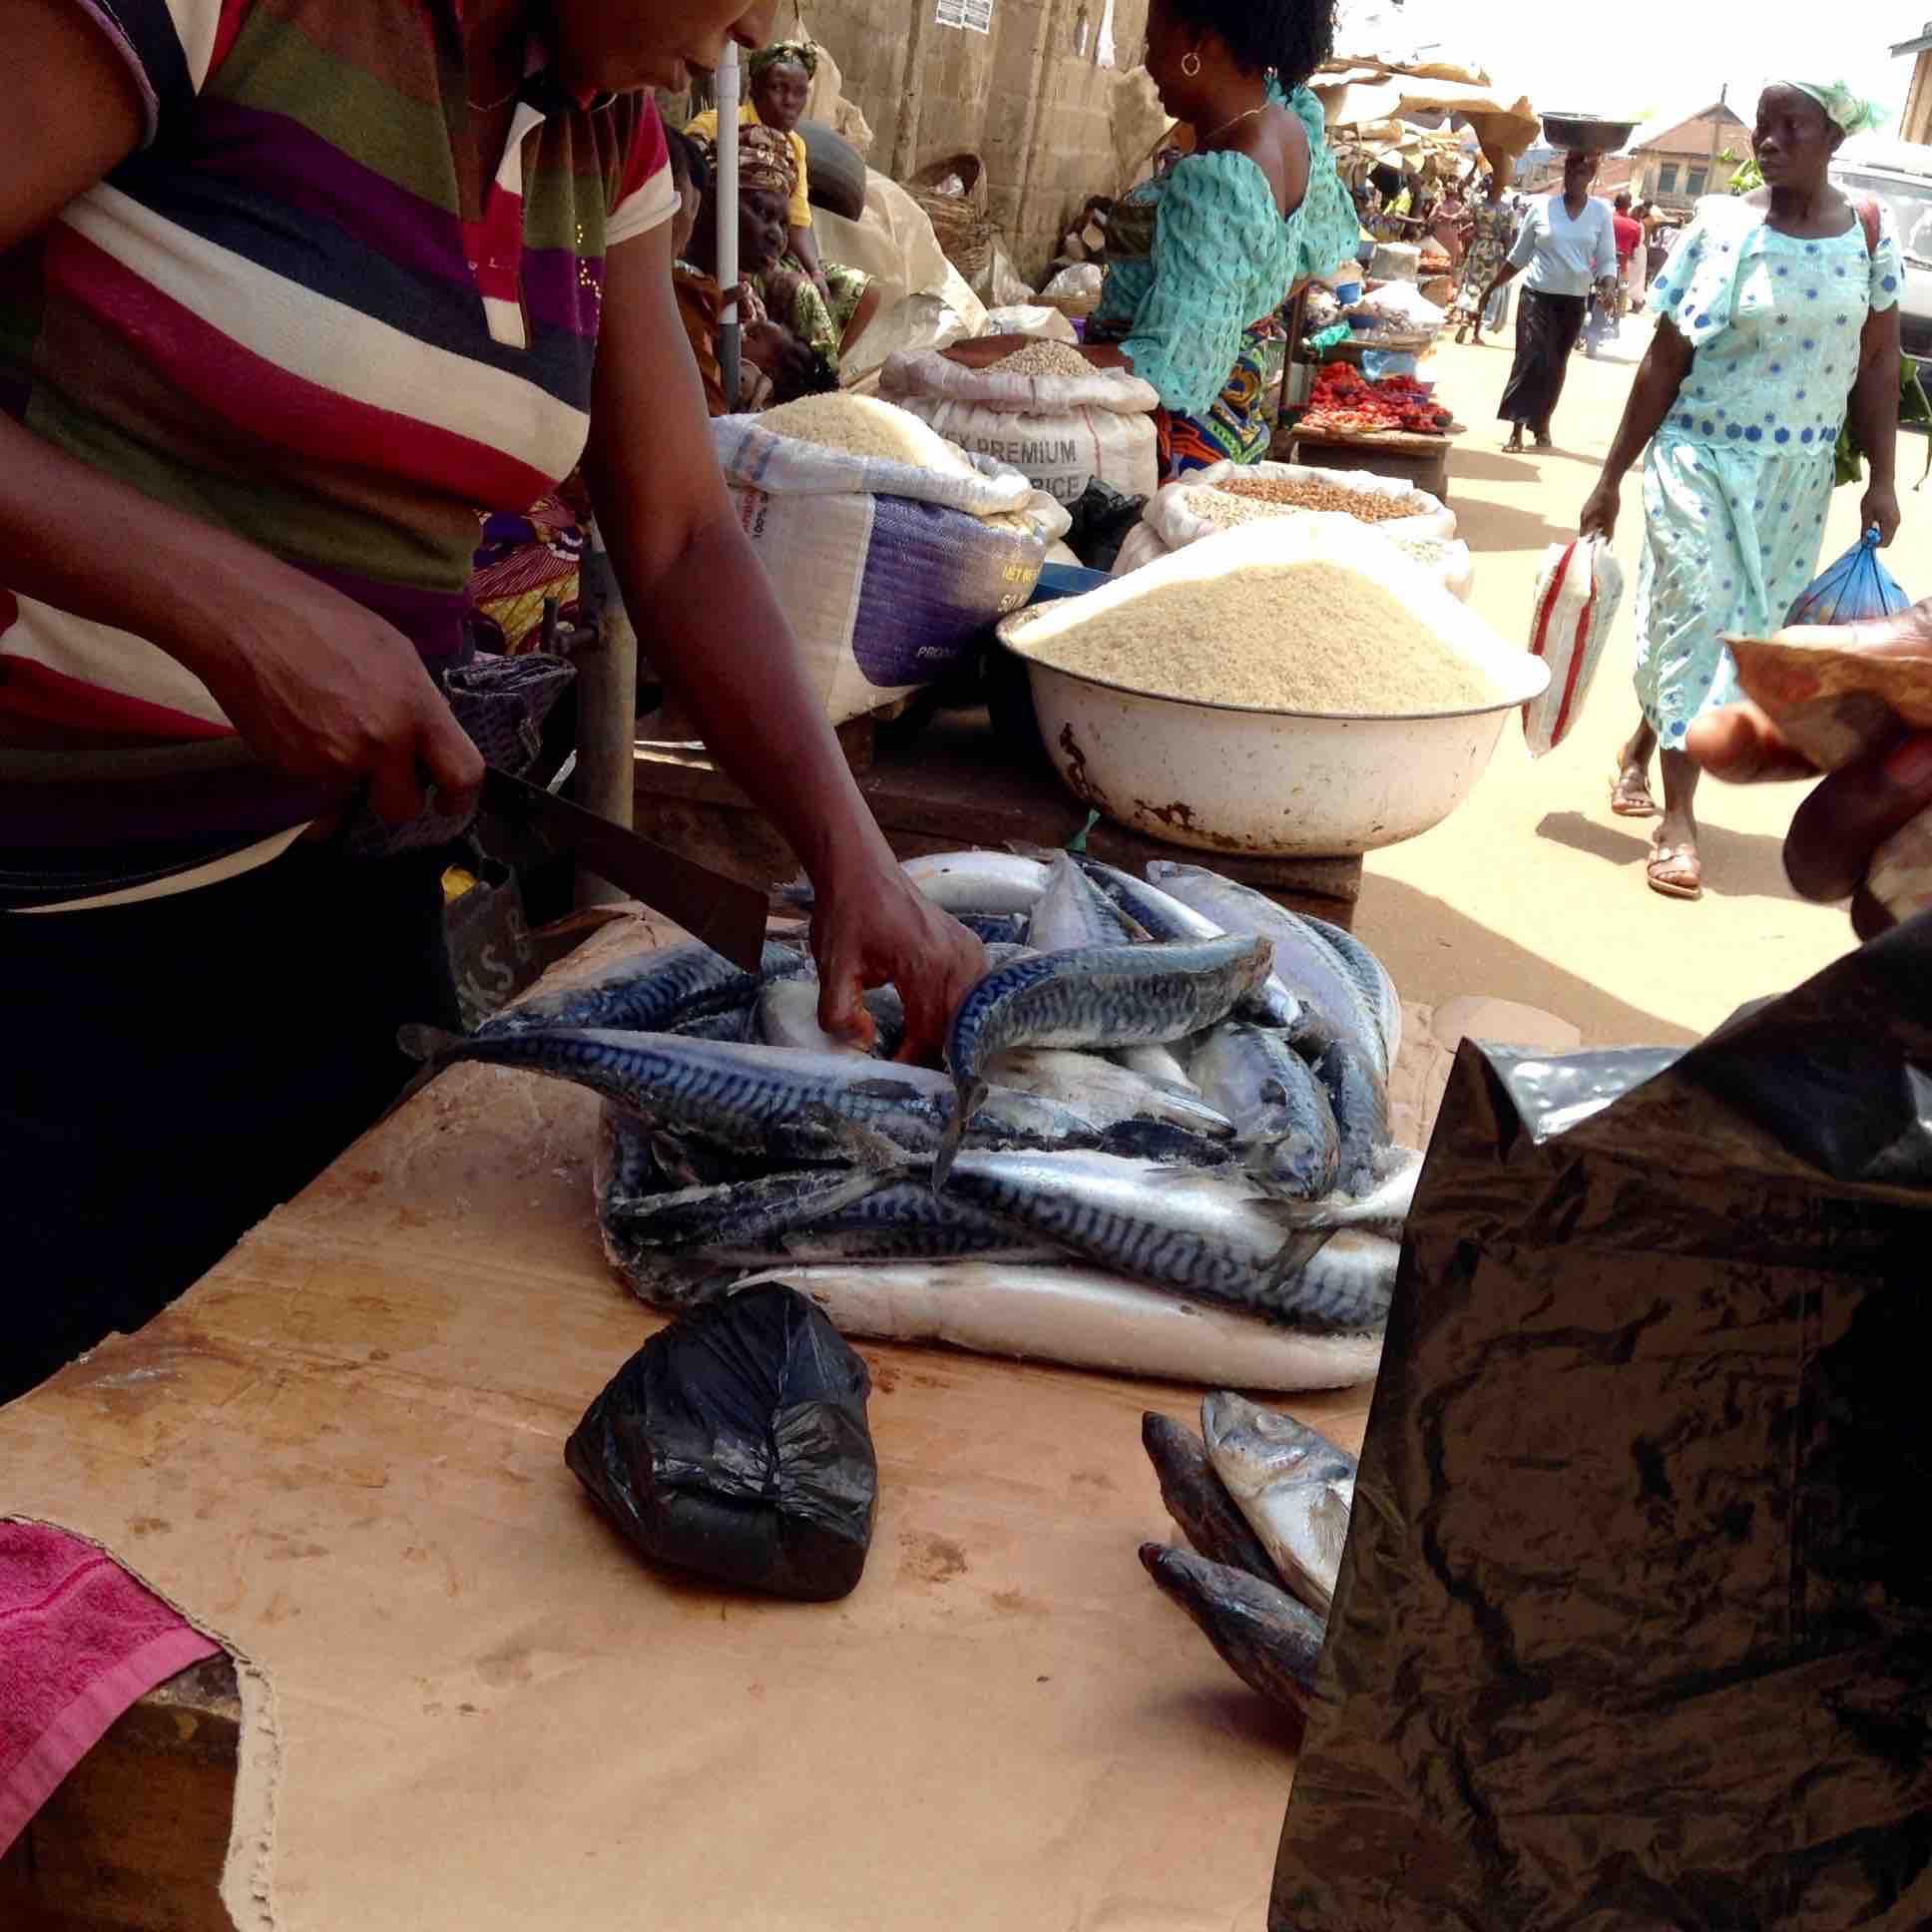 Fishwife, Street market, Adimula Palace Roundabout, Ilesa, Osun State, Nigeria, #JujuFilms